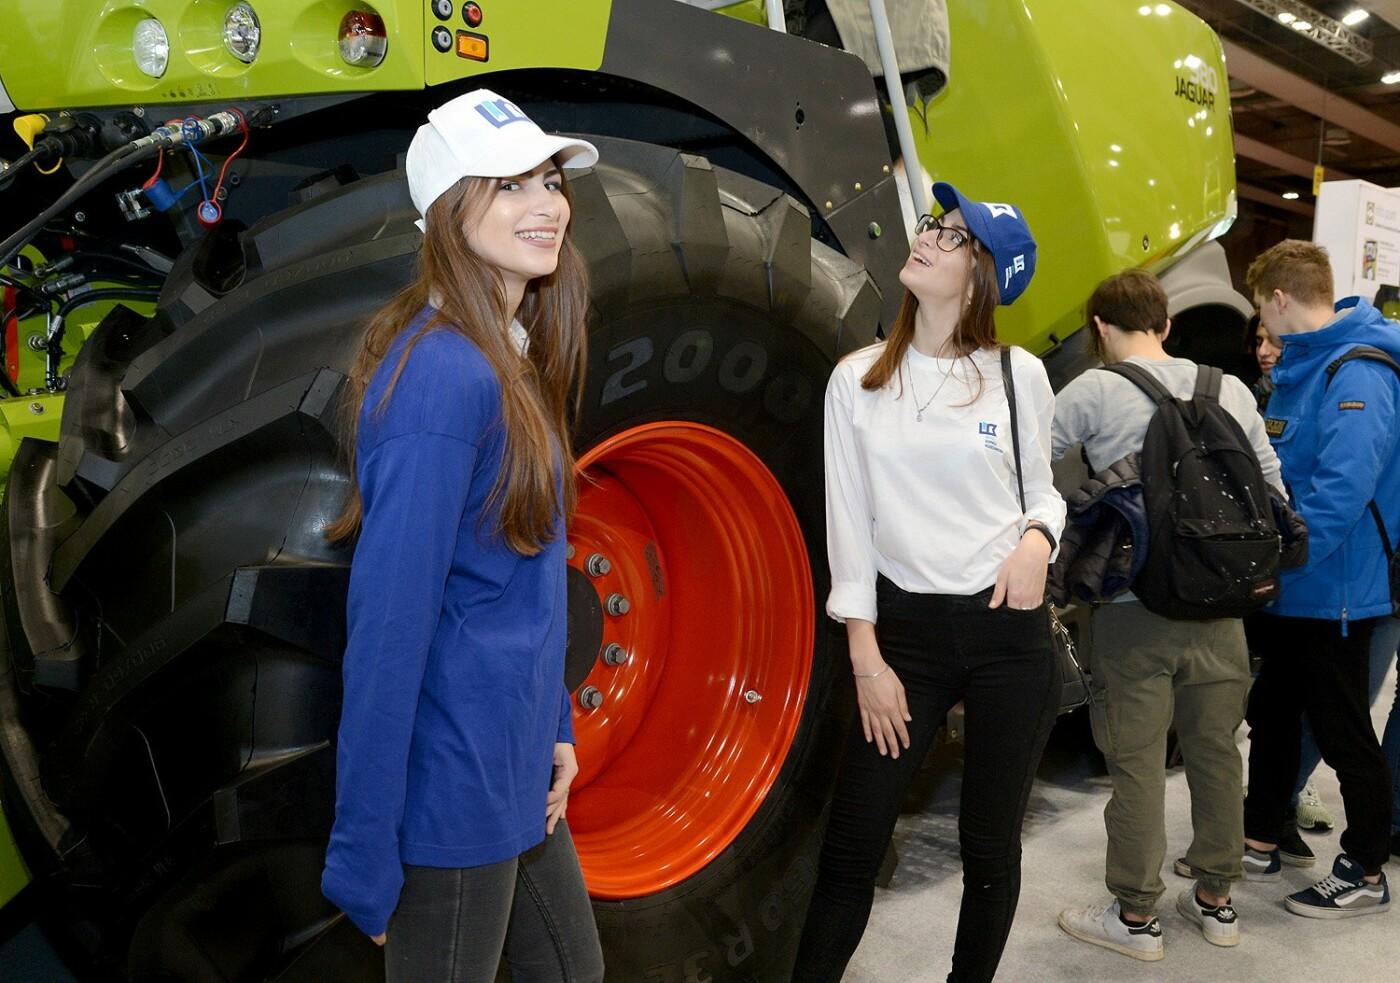 Юные аграрии Днипра посетили Верону благодаря Фонду Бориса Колесникова, фото-1